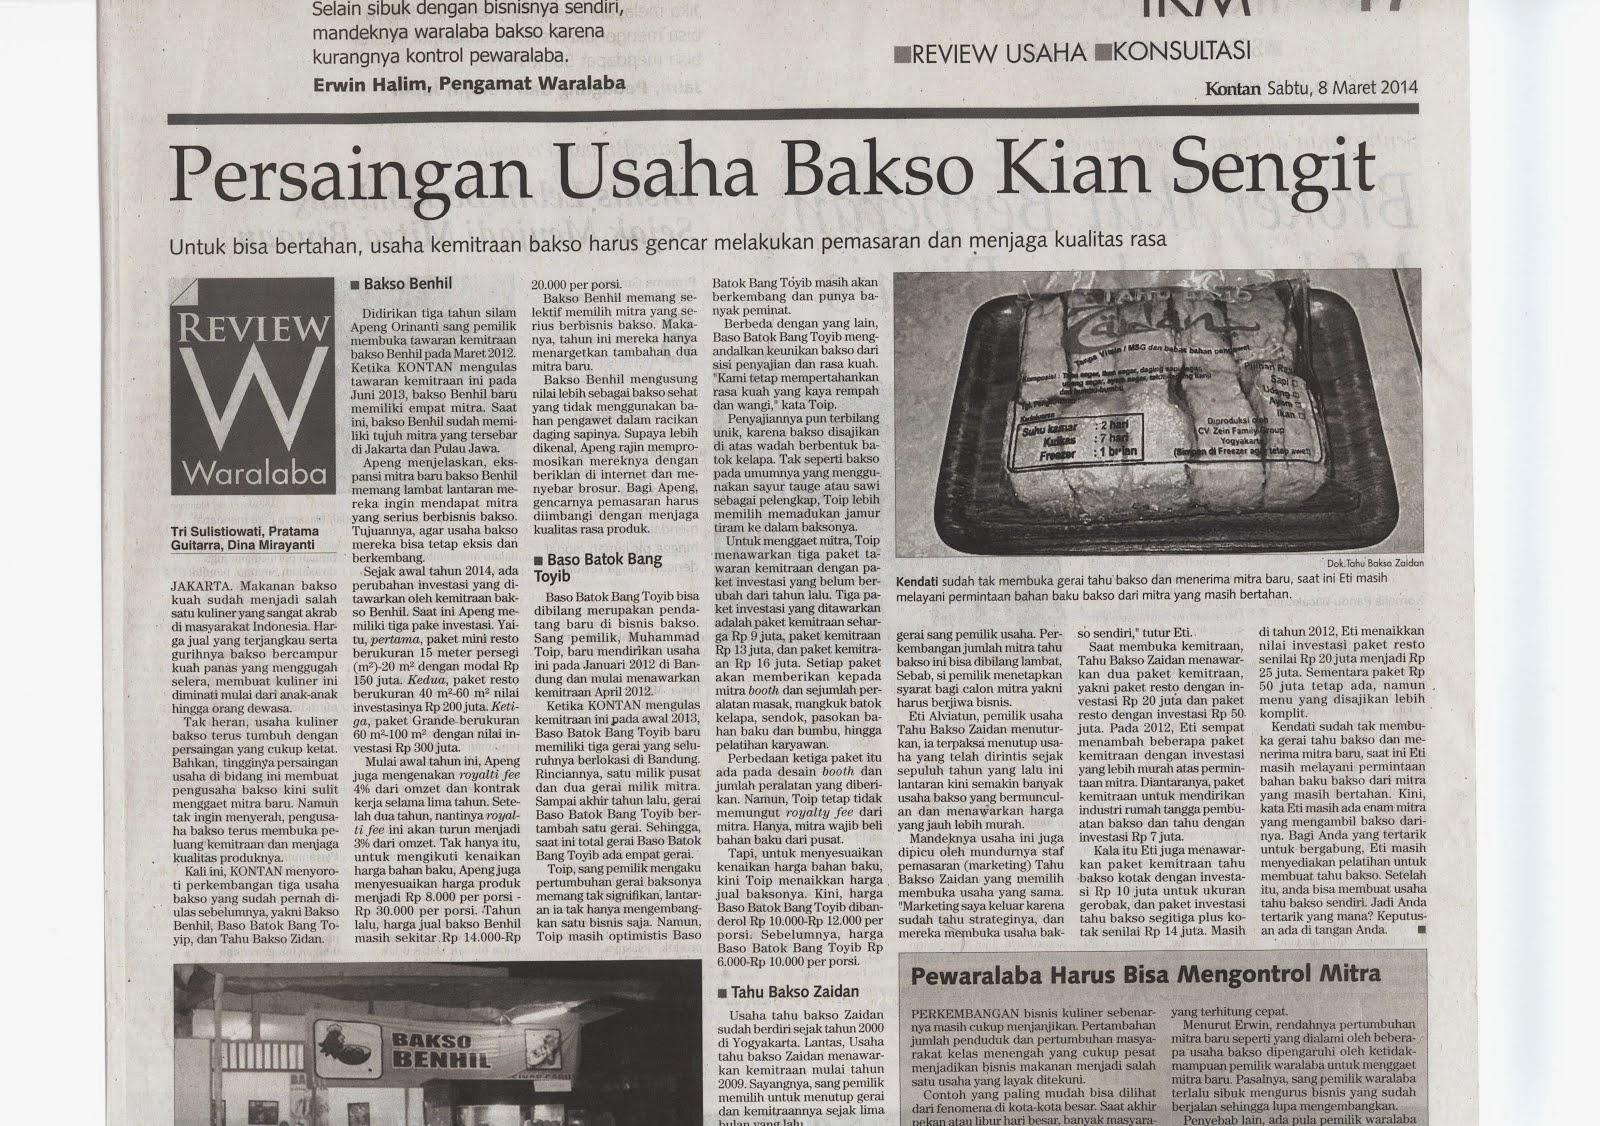 Harian Kontan Sabtu 8 Maret 2014